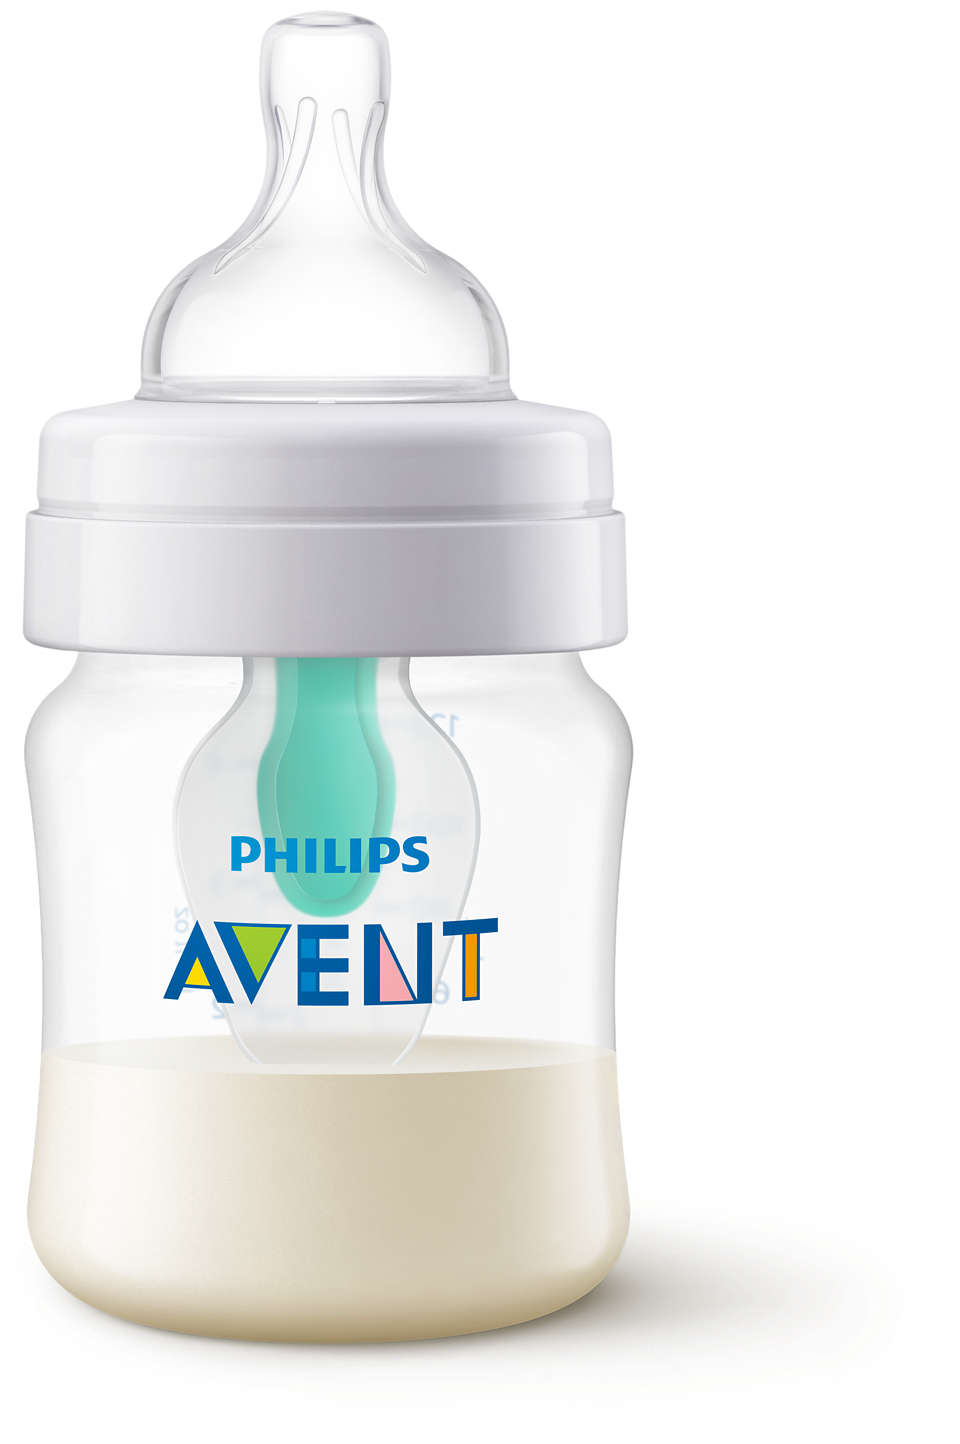 Desenvolvida para reduzir as cólicas, os gases e o refluxo*